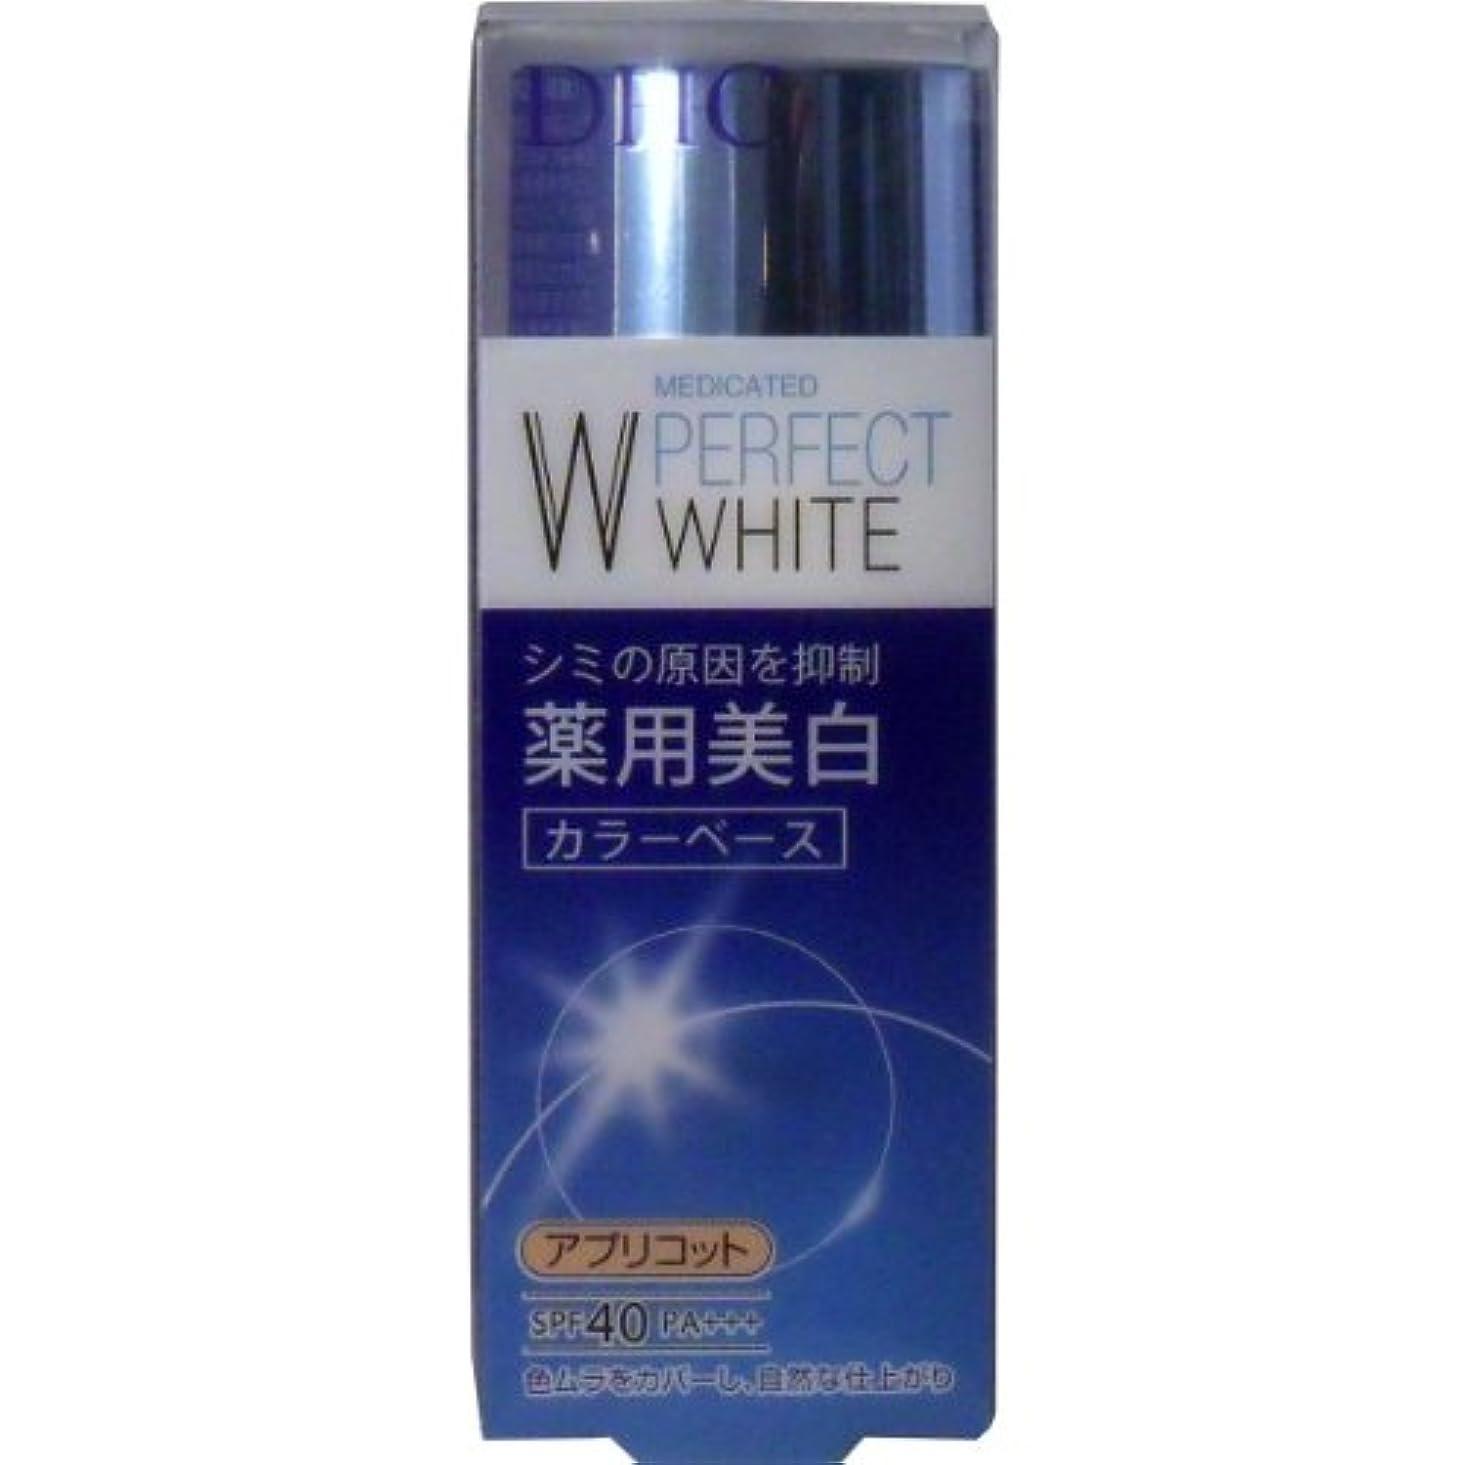 黒窓即席DHC 薬用美白パーフェクトホワイト カラーベース アプリコット 30g (商品内訳:単品1個)